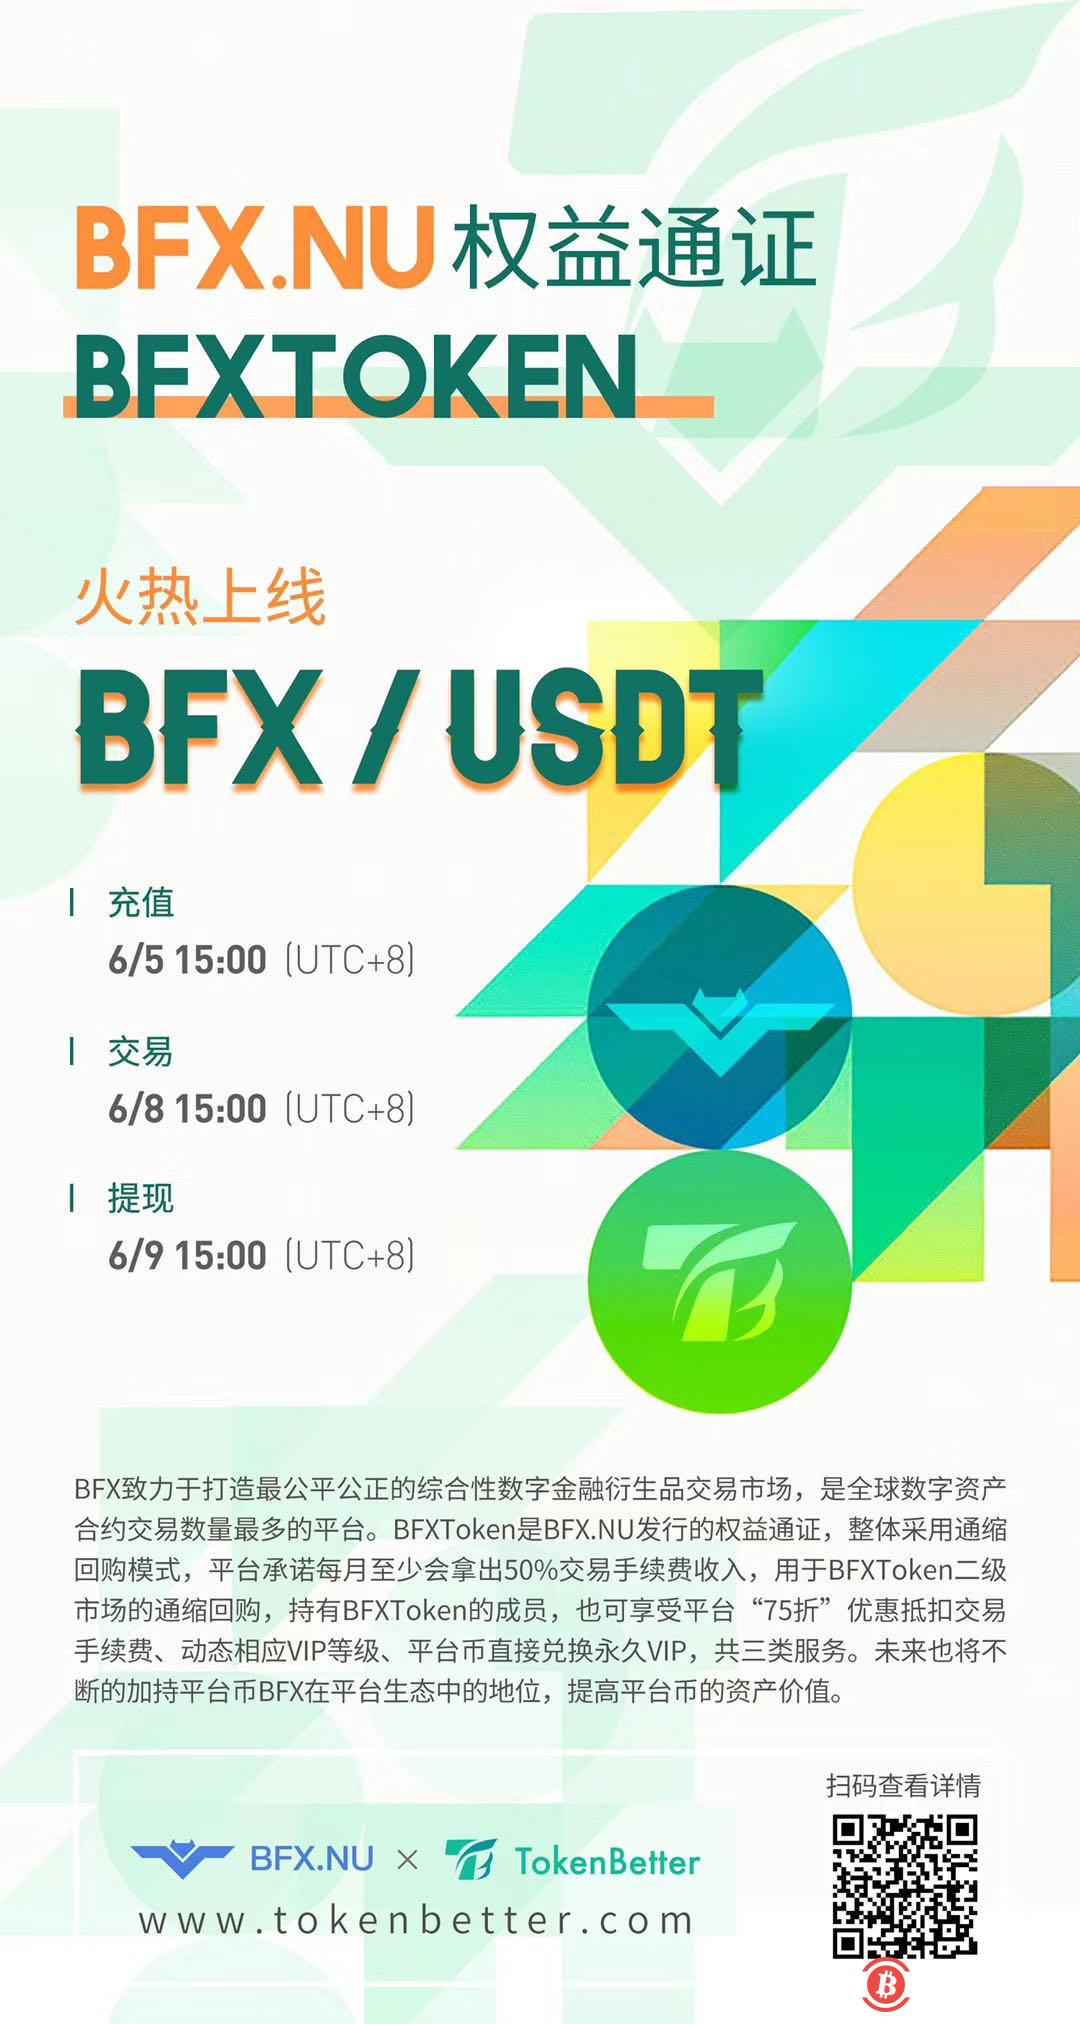 新型上币效应来袭——Tokenbetter交易所上线BFX Token-币安资讯网